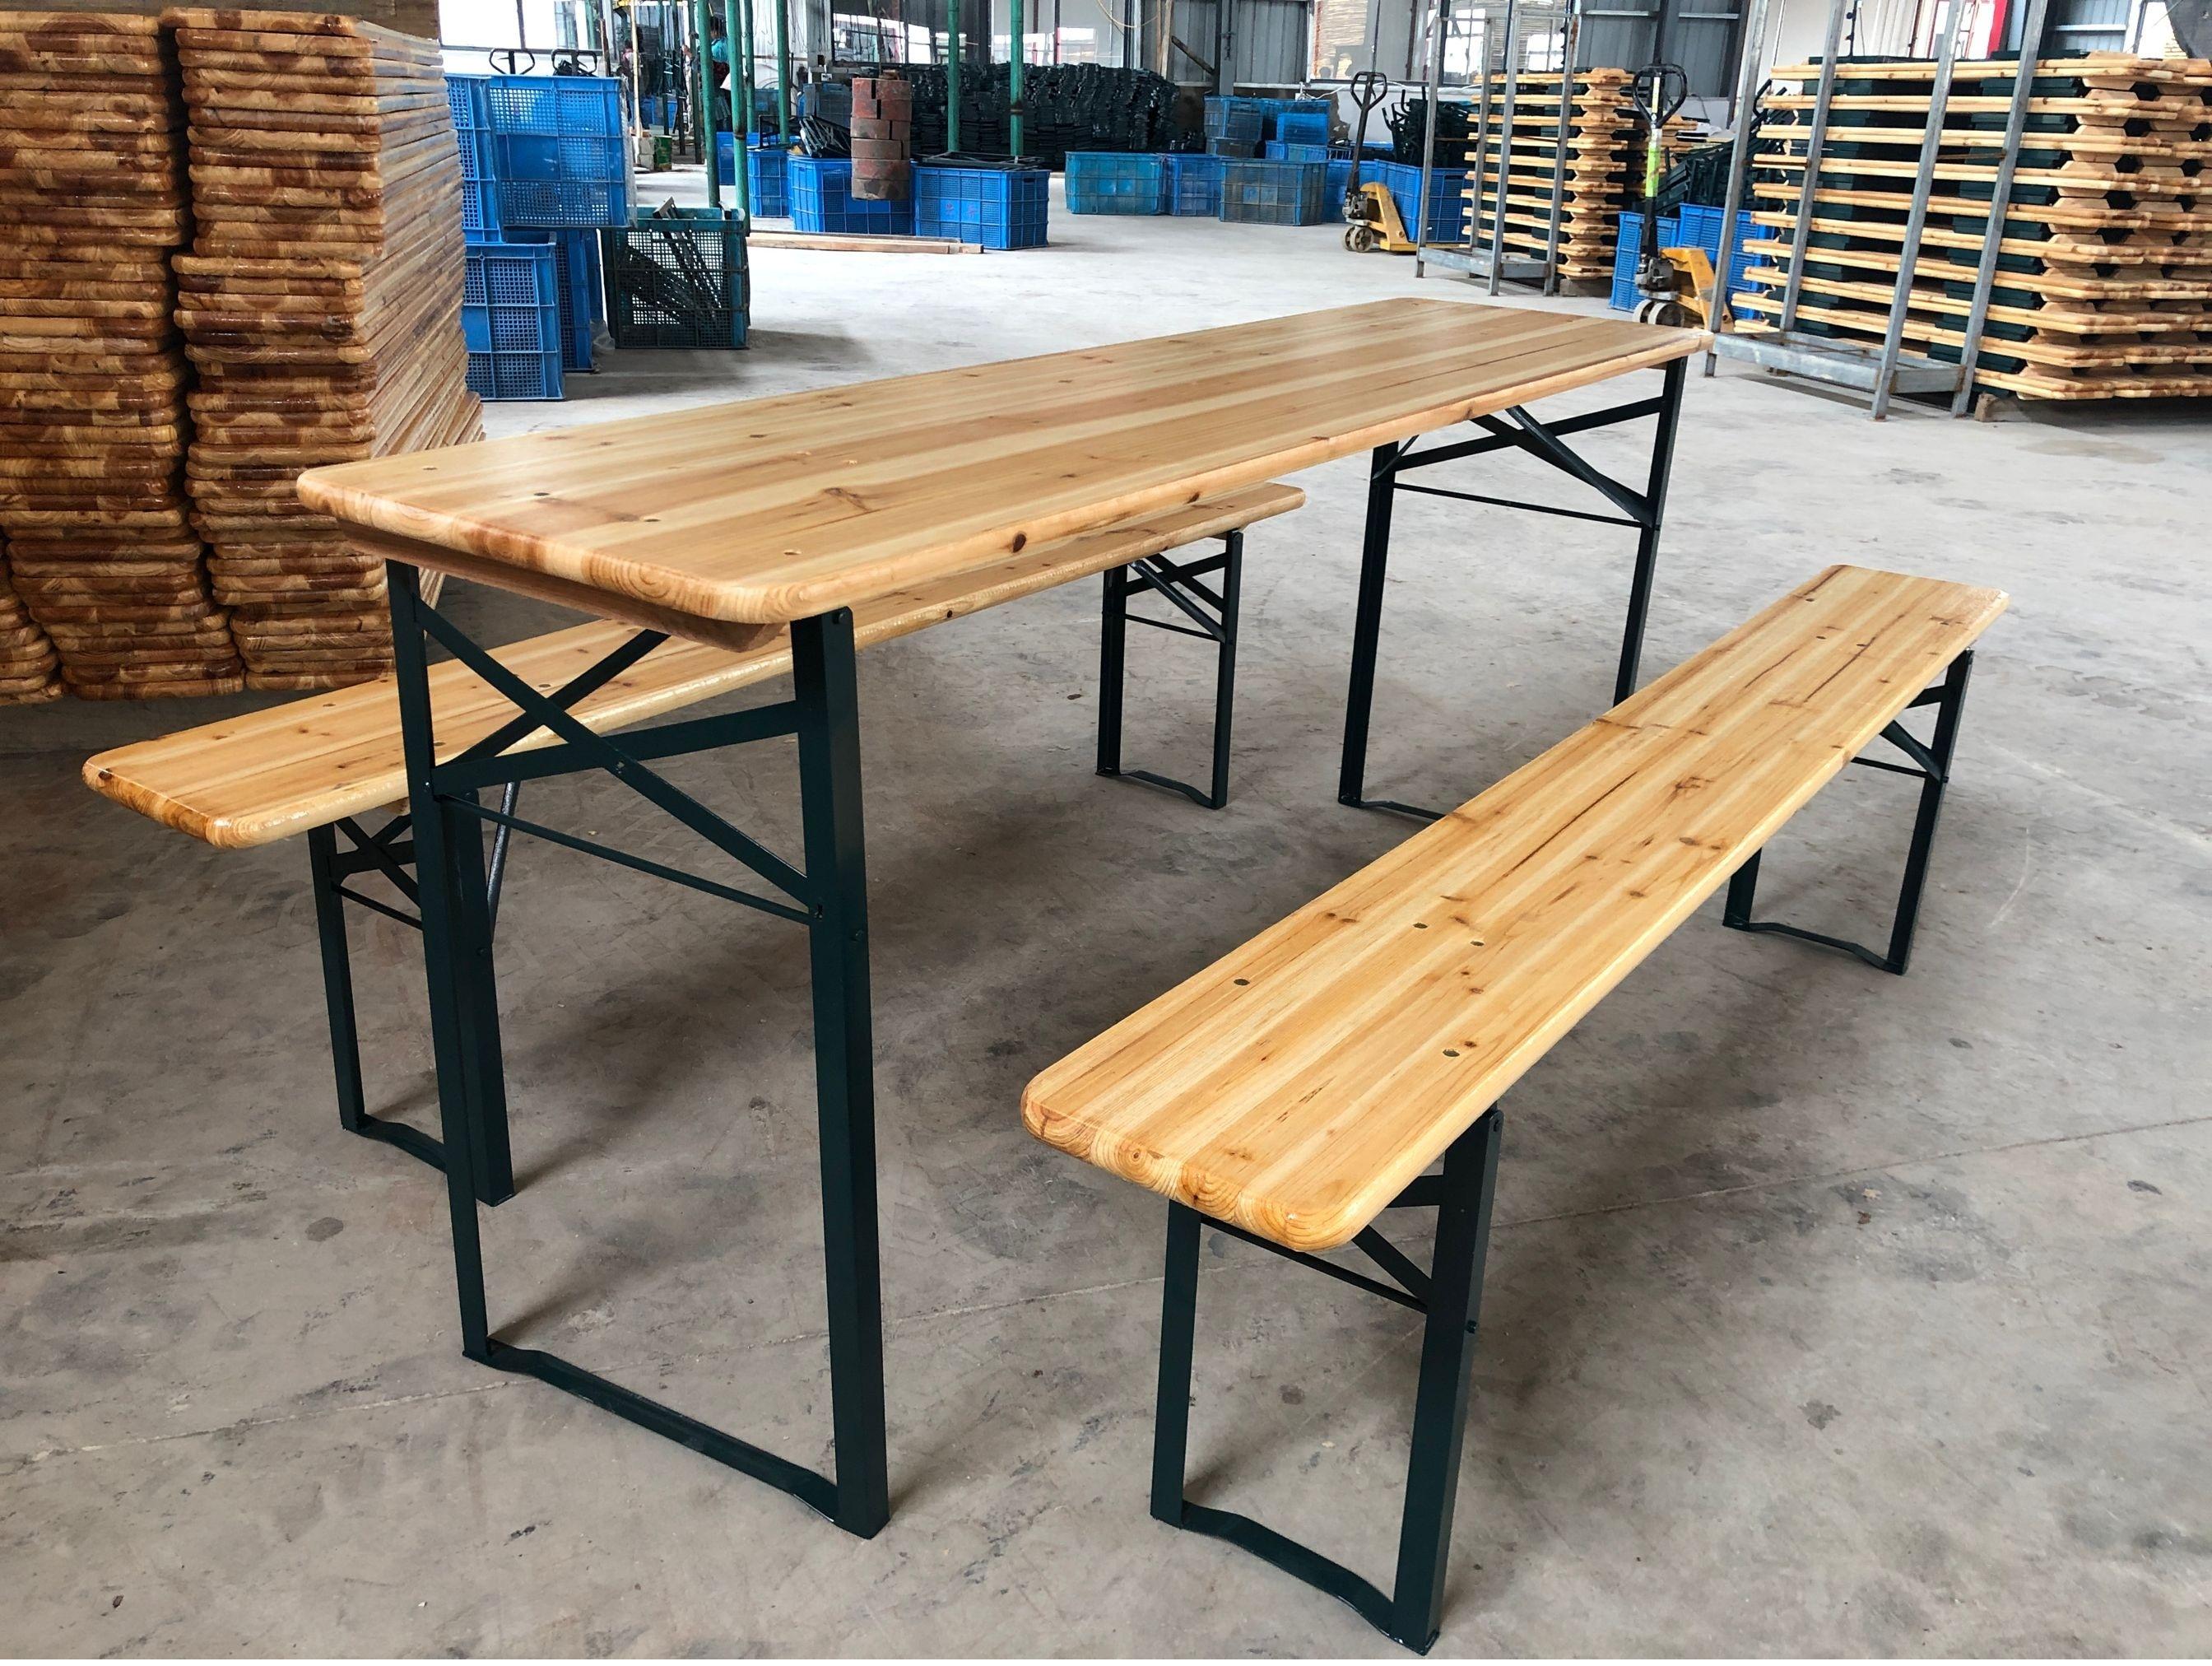 Уличная мебель, деревянный складной стол и скамейка для пикника и кемпинга